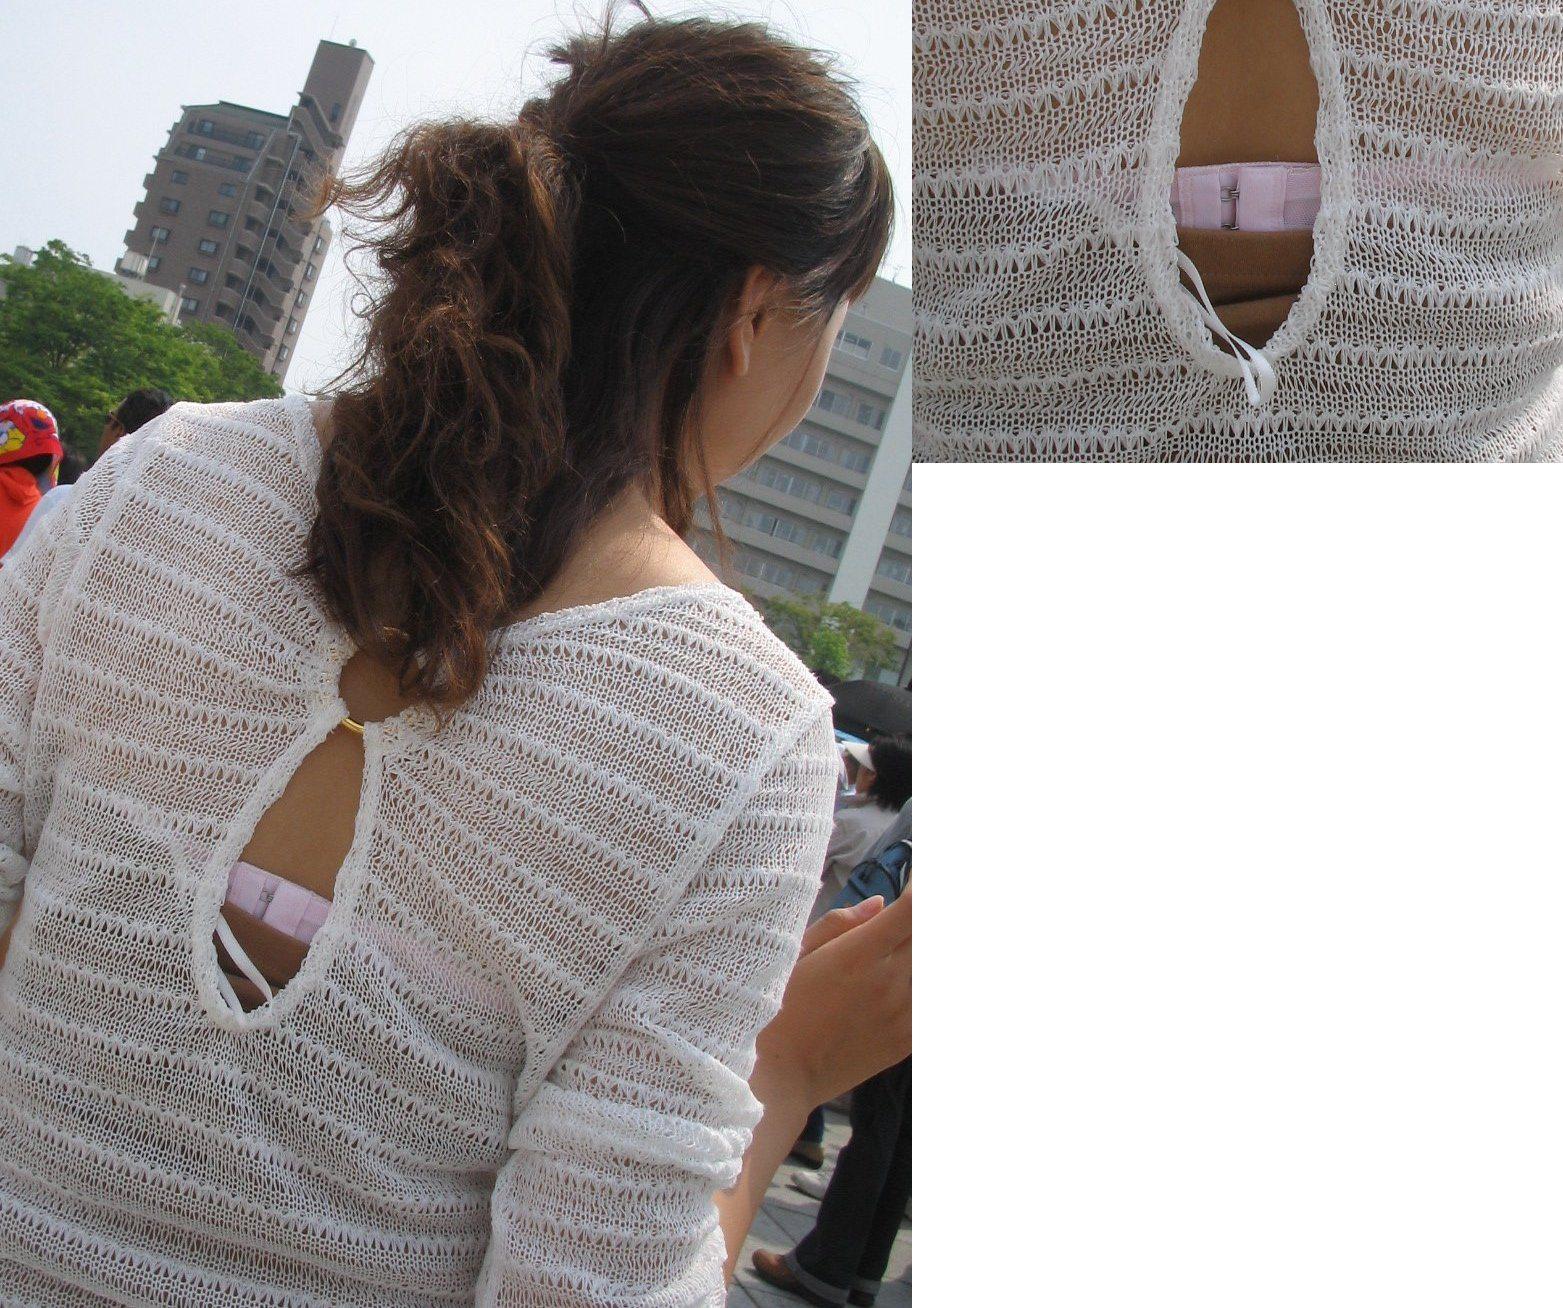 【ブラチラエロ画像】紐が少し見えるだけでもかなり…パンツと十分タメ張れるブラチラ(*´д`*)